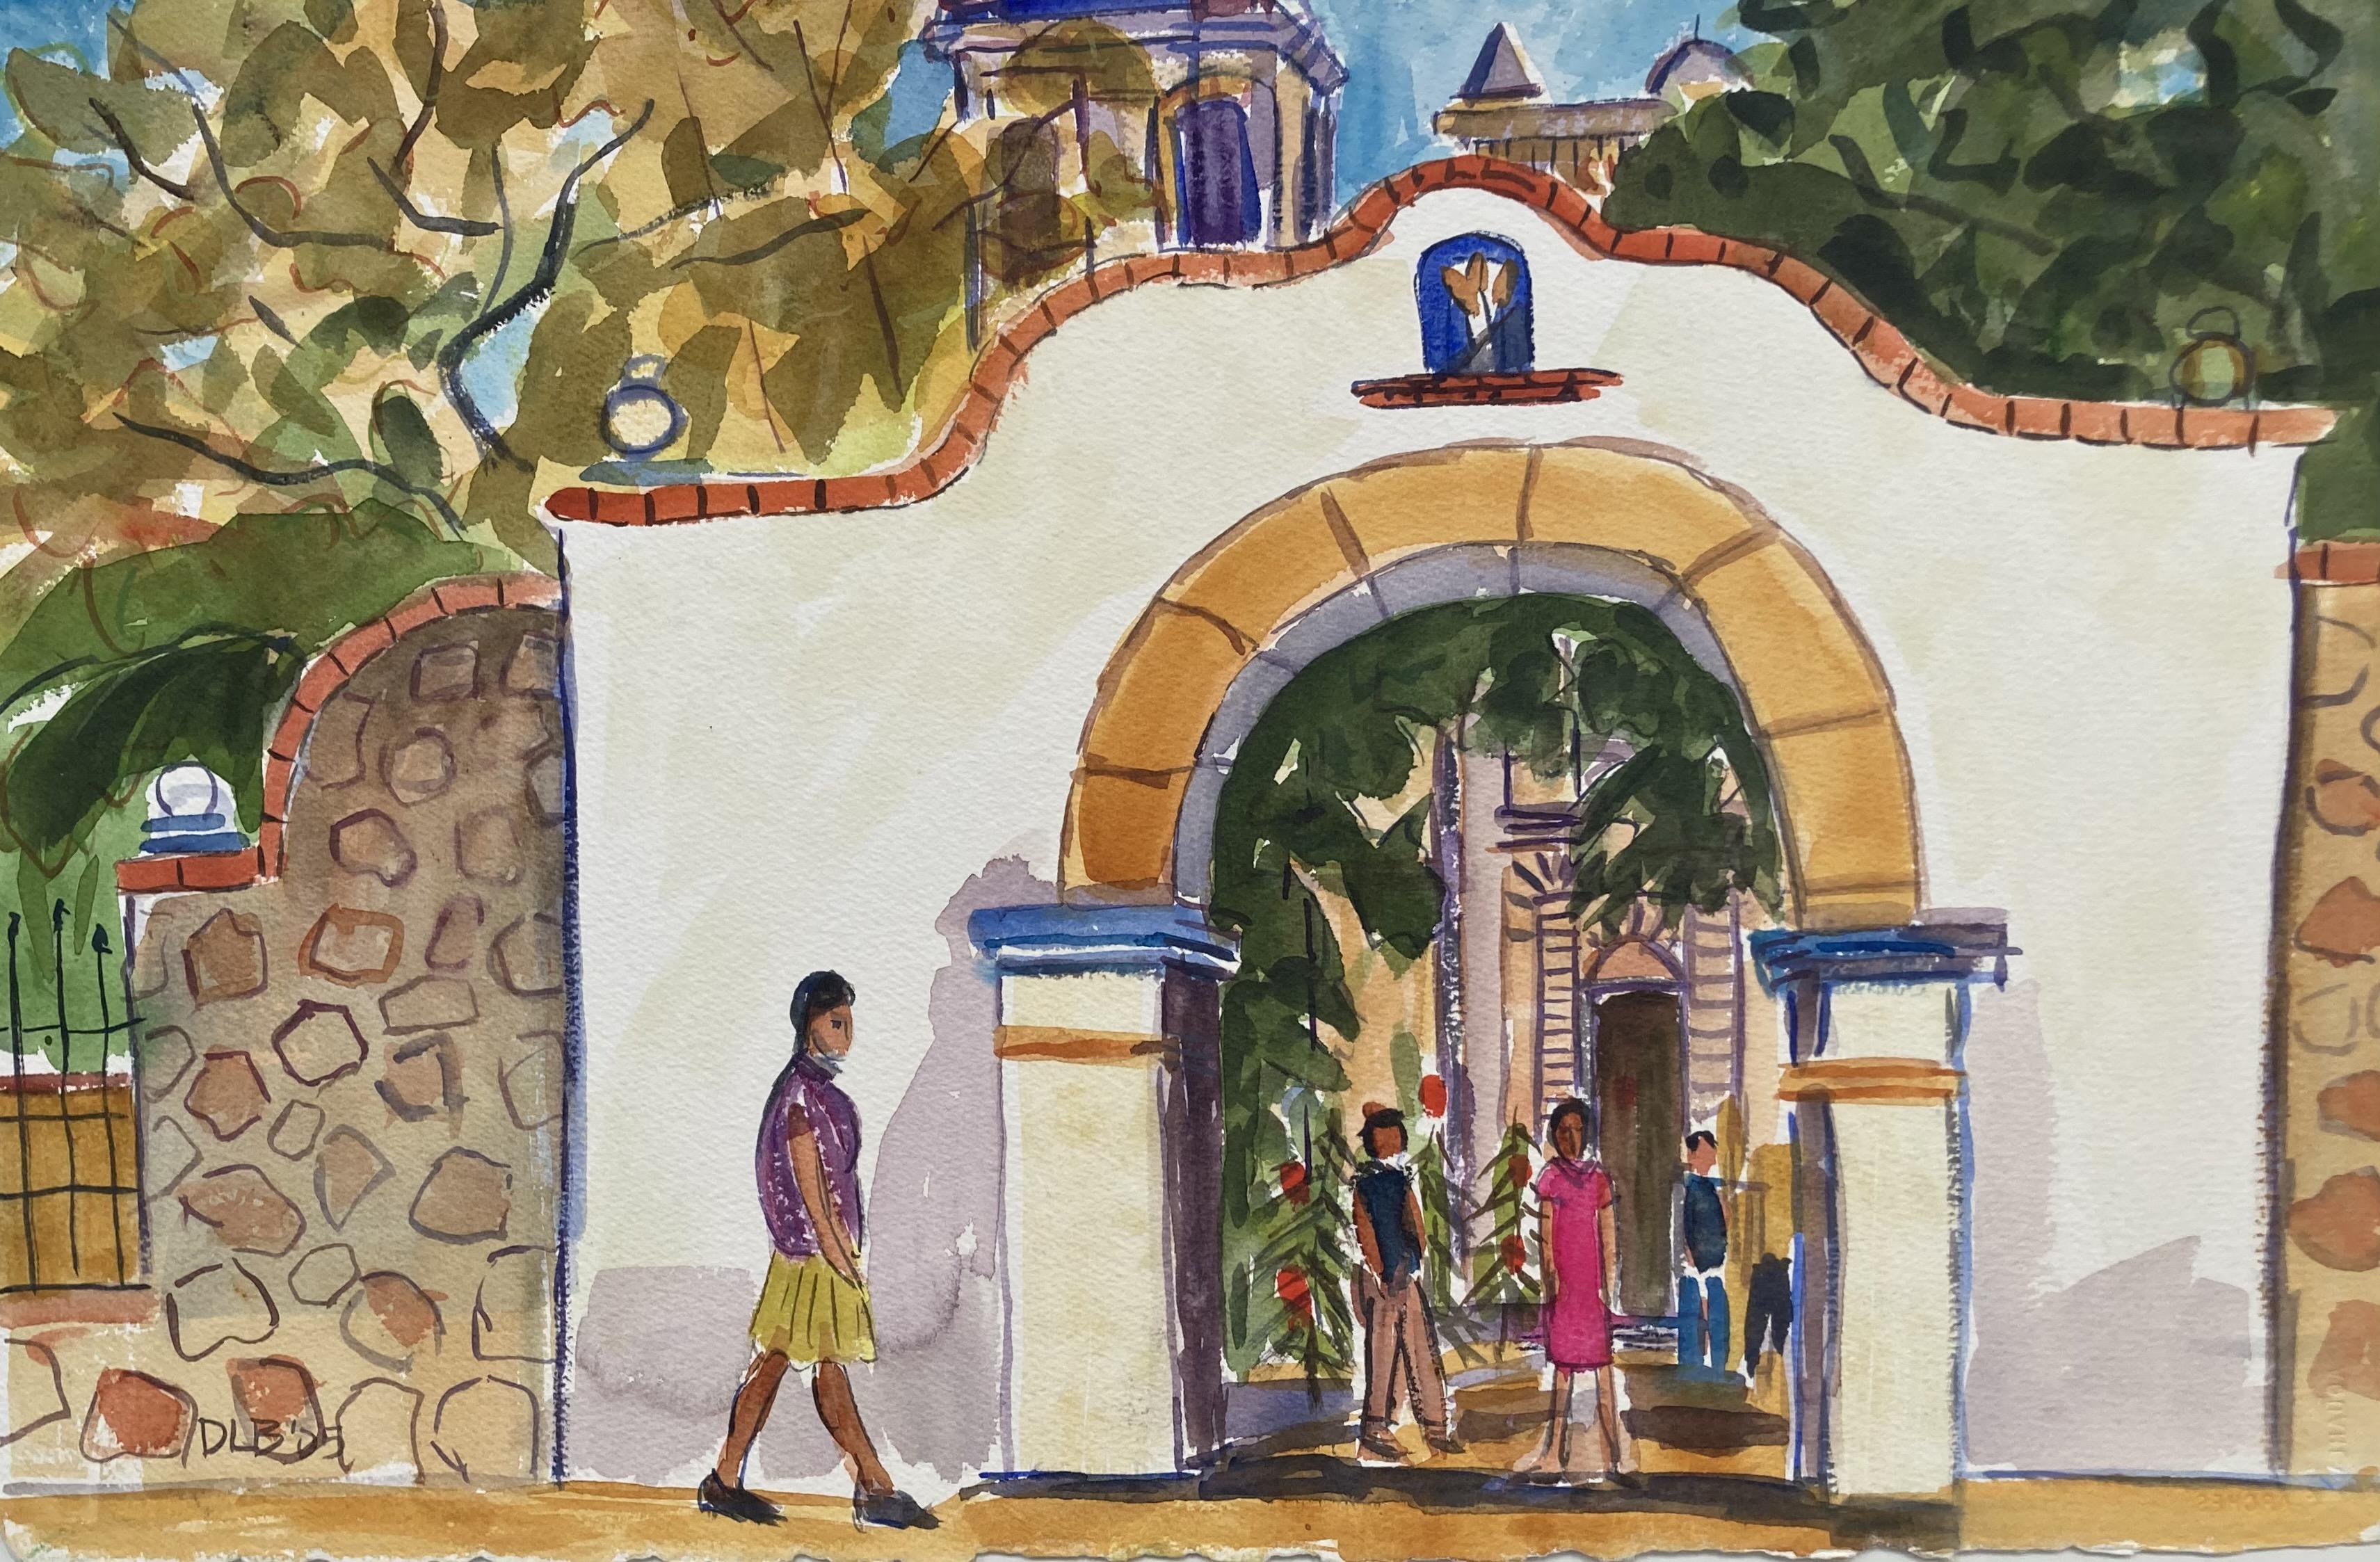 Church Entry- San Martin Tilcajete, 2004-2005